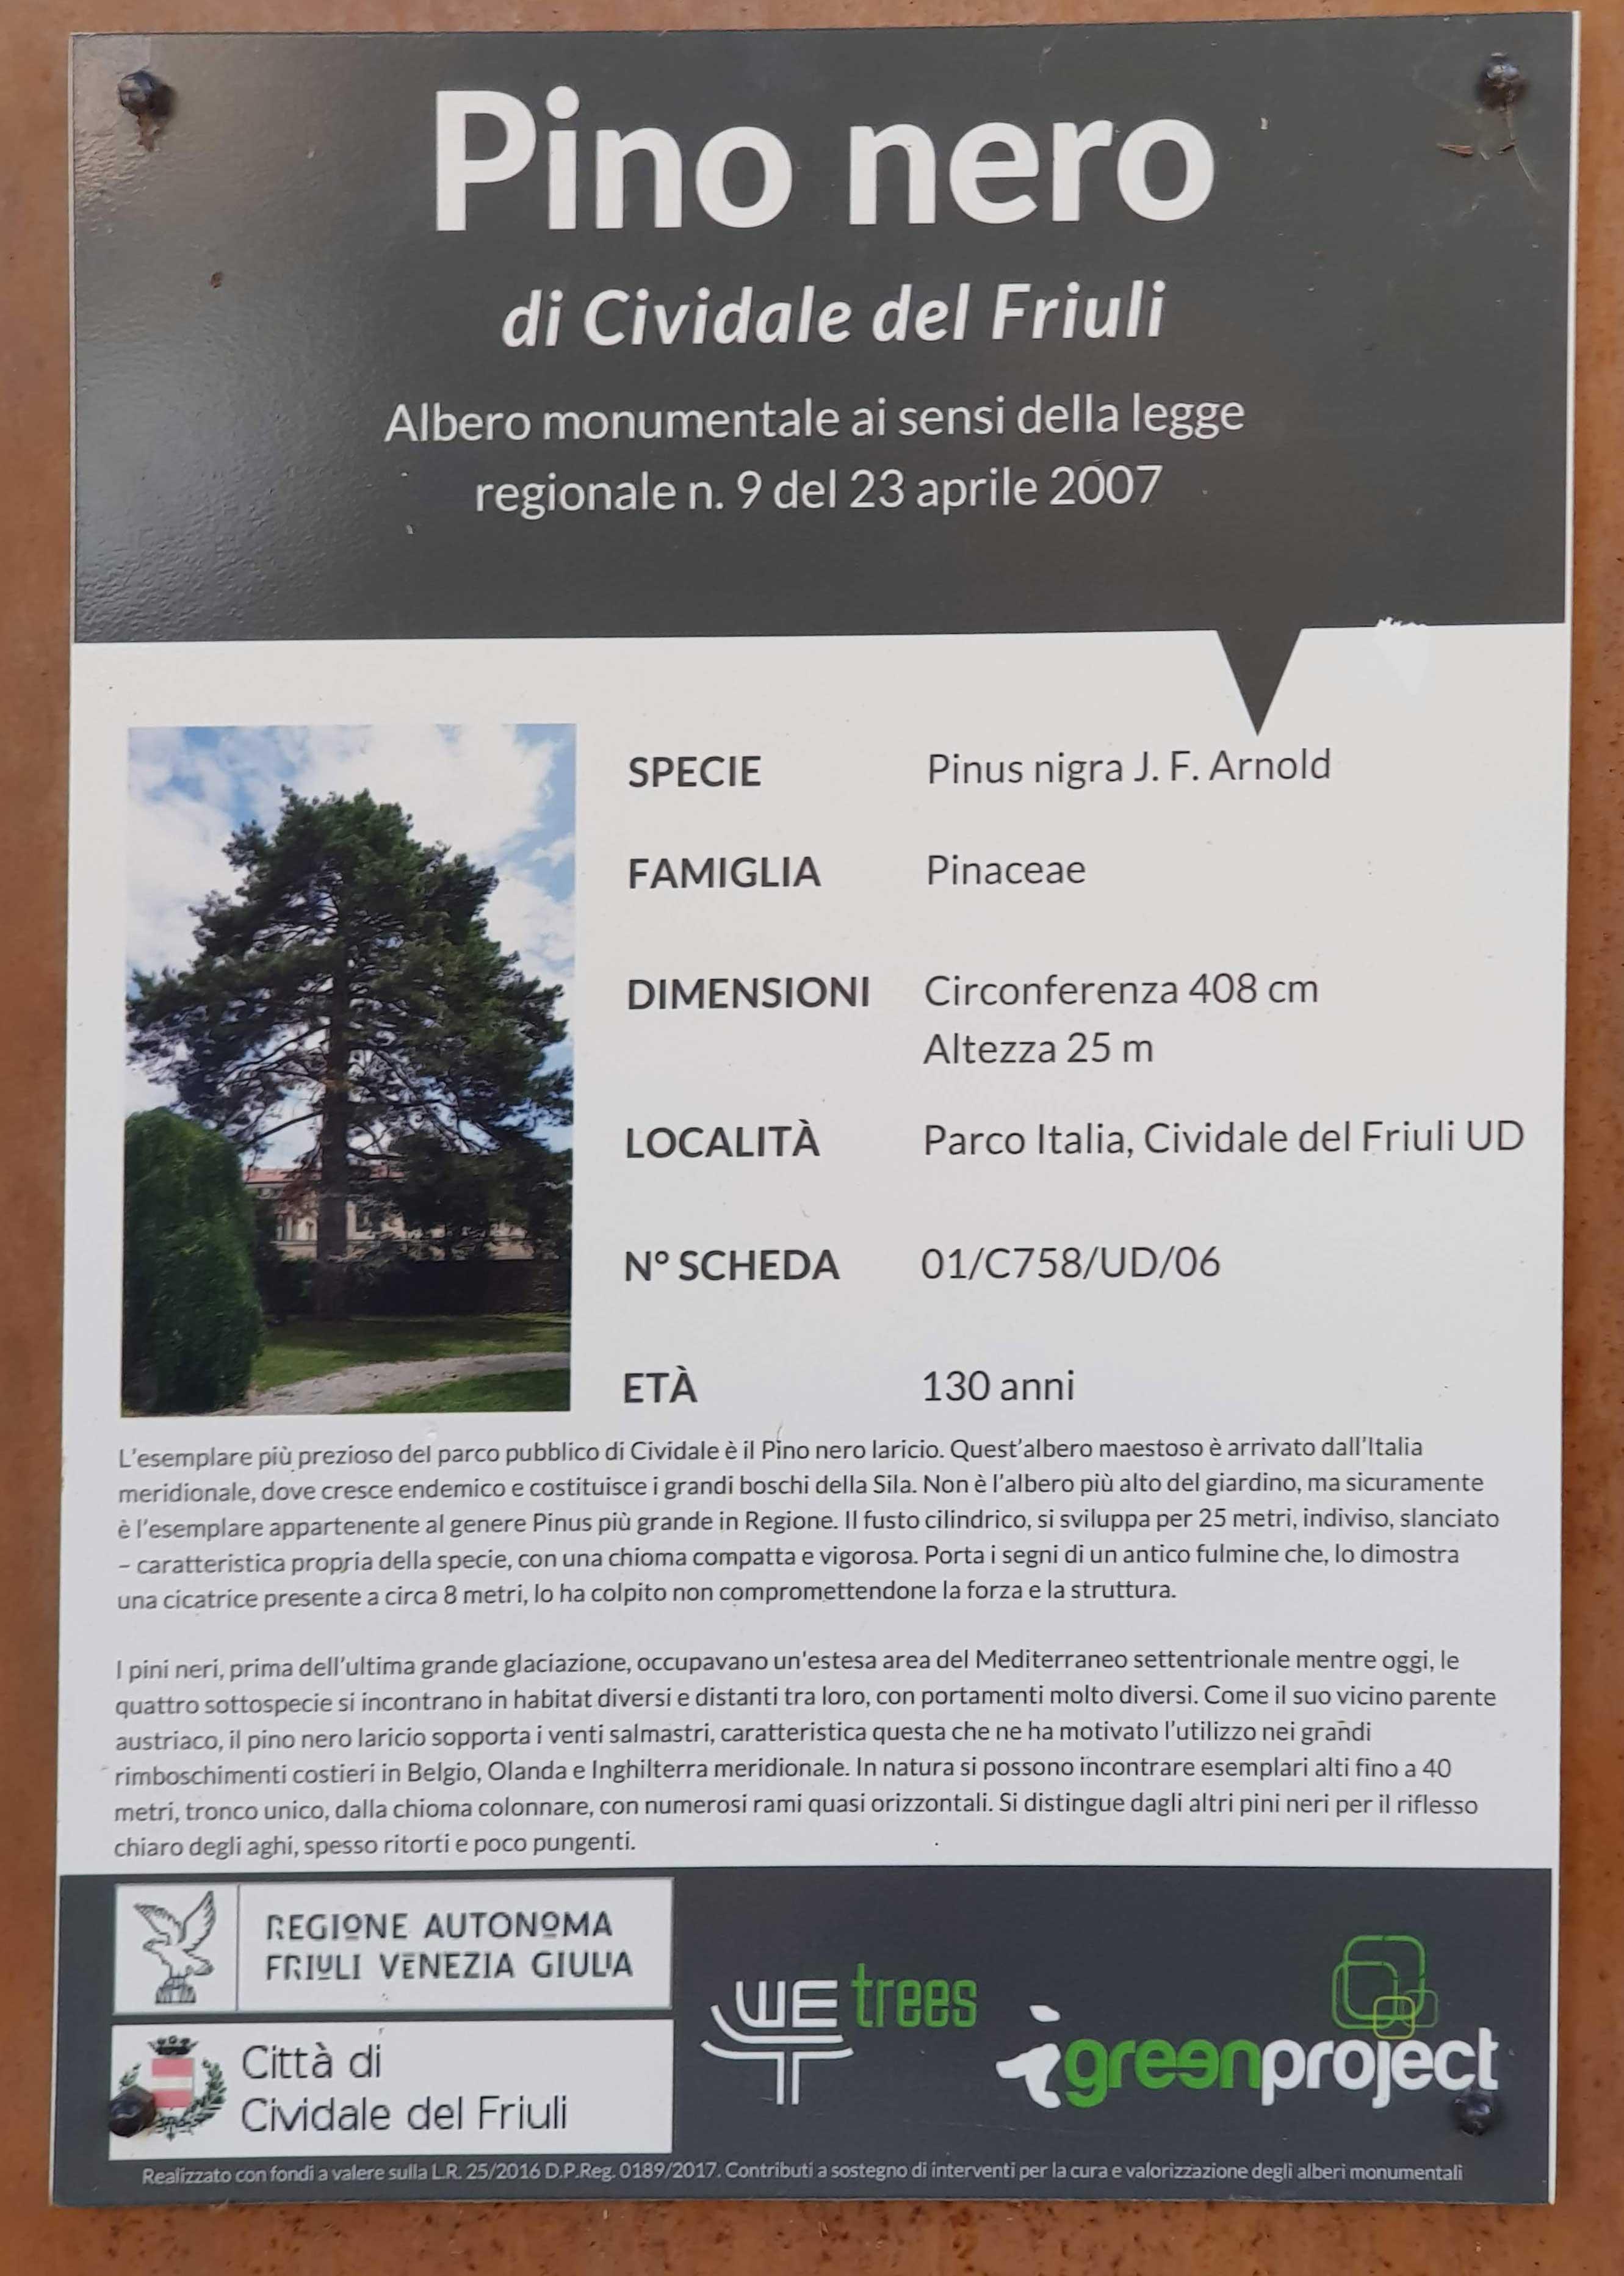 Pinus nigra subsp. laricio, Pino nero laricio, albero monumentale, targa illustrativa, Giardini pubblici - Cividale del Friuli